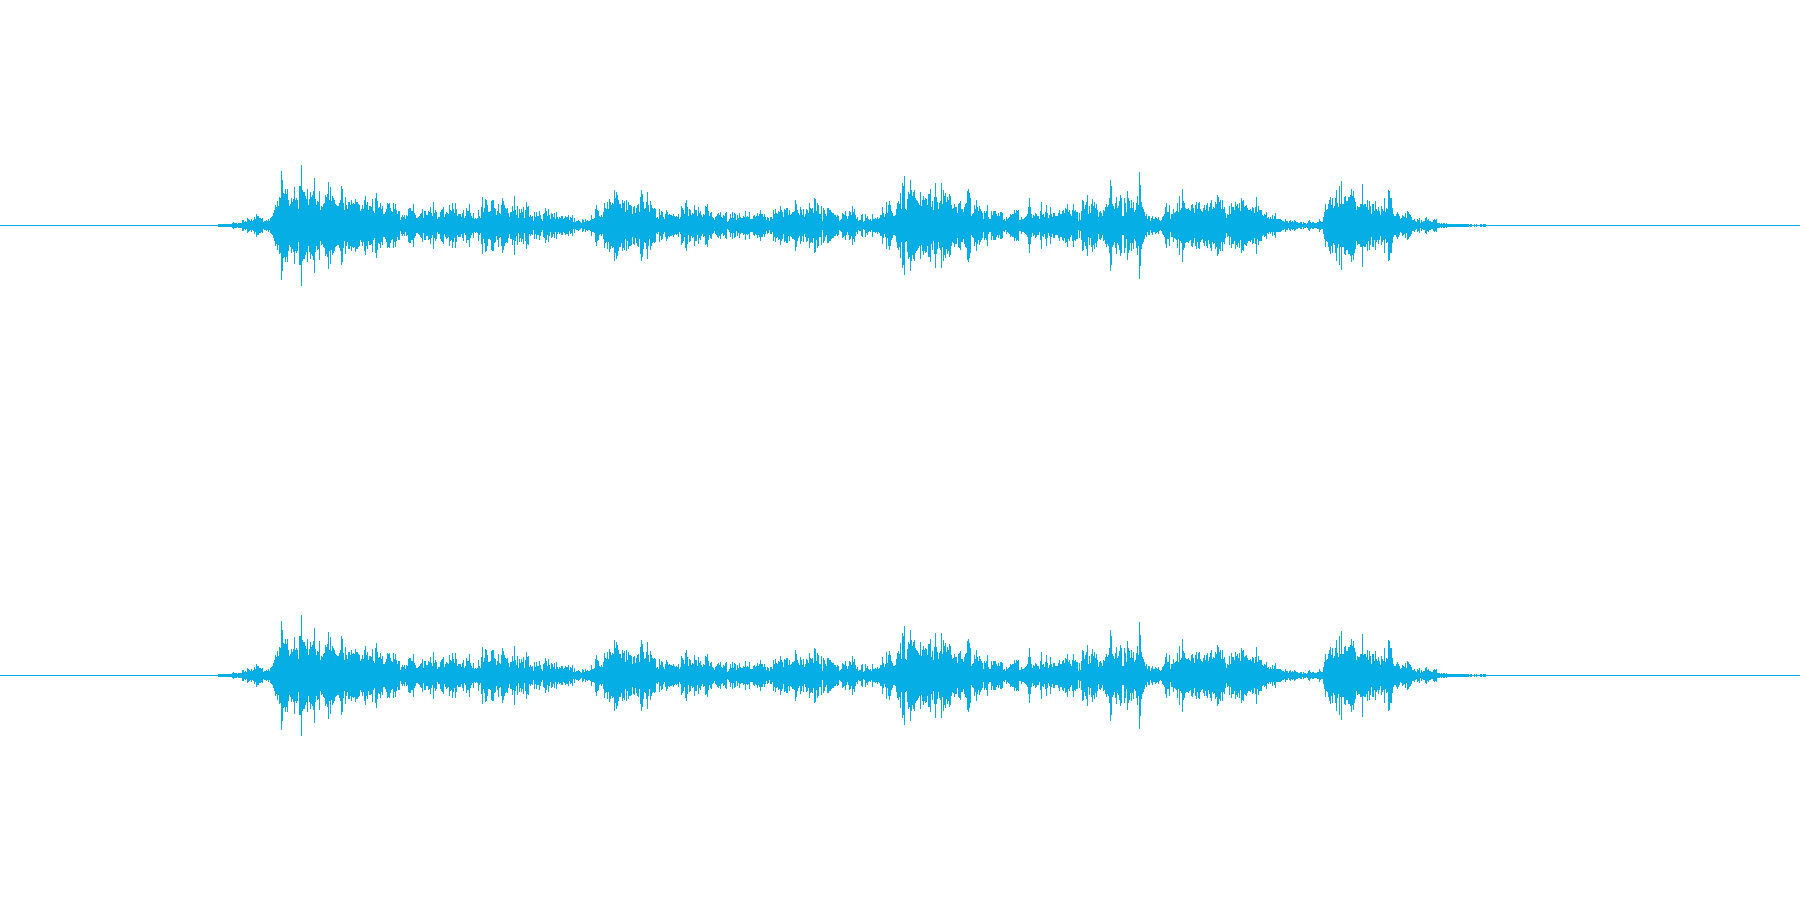 【ボールペン01-10(塗りつぶす)】の再生済みの波形